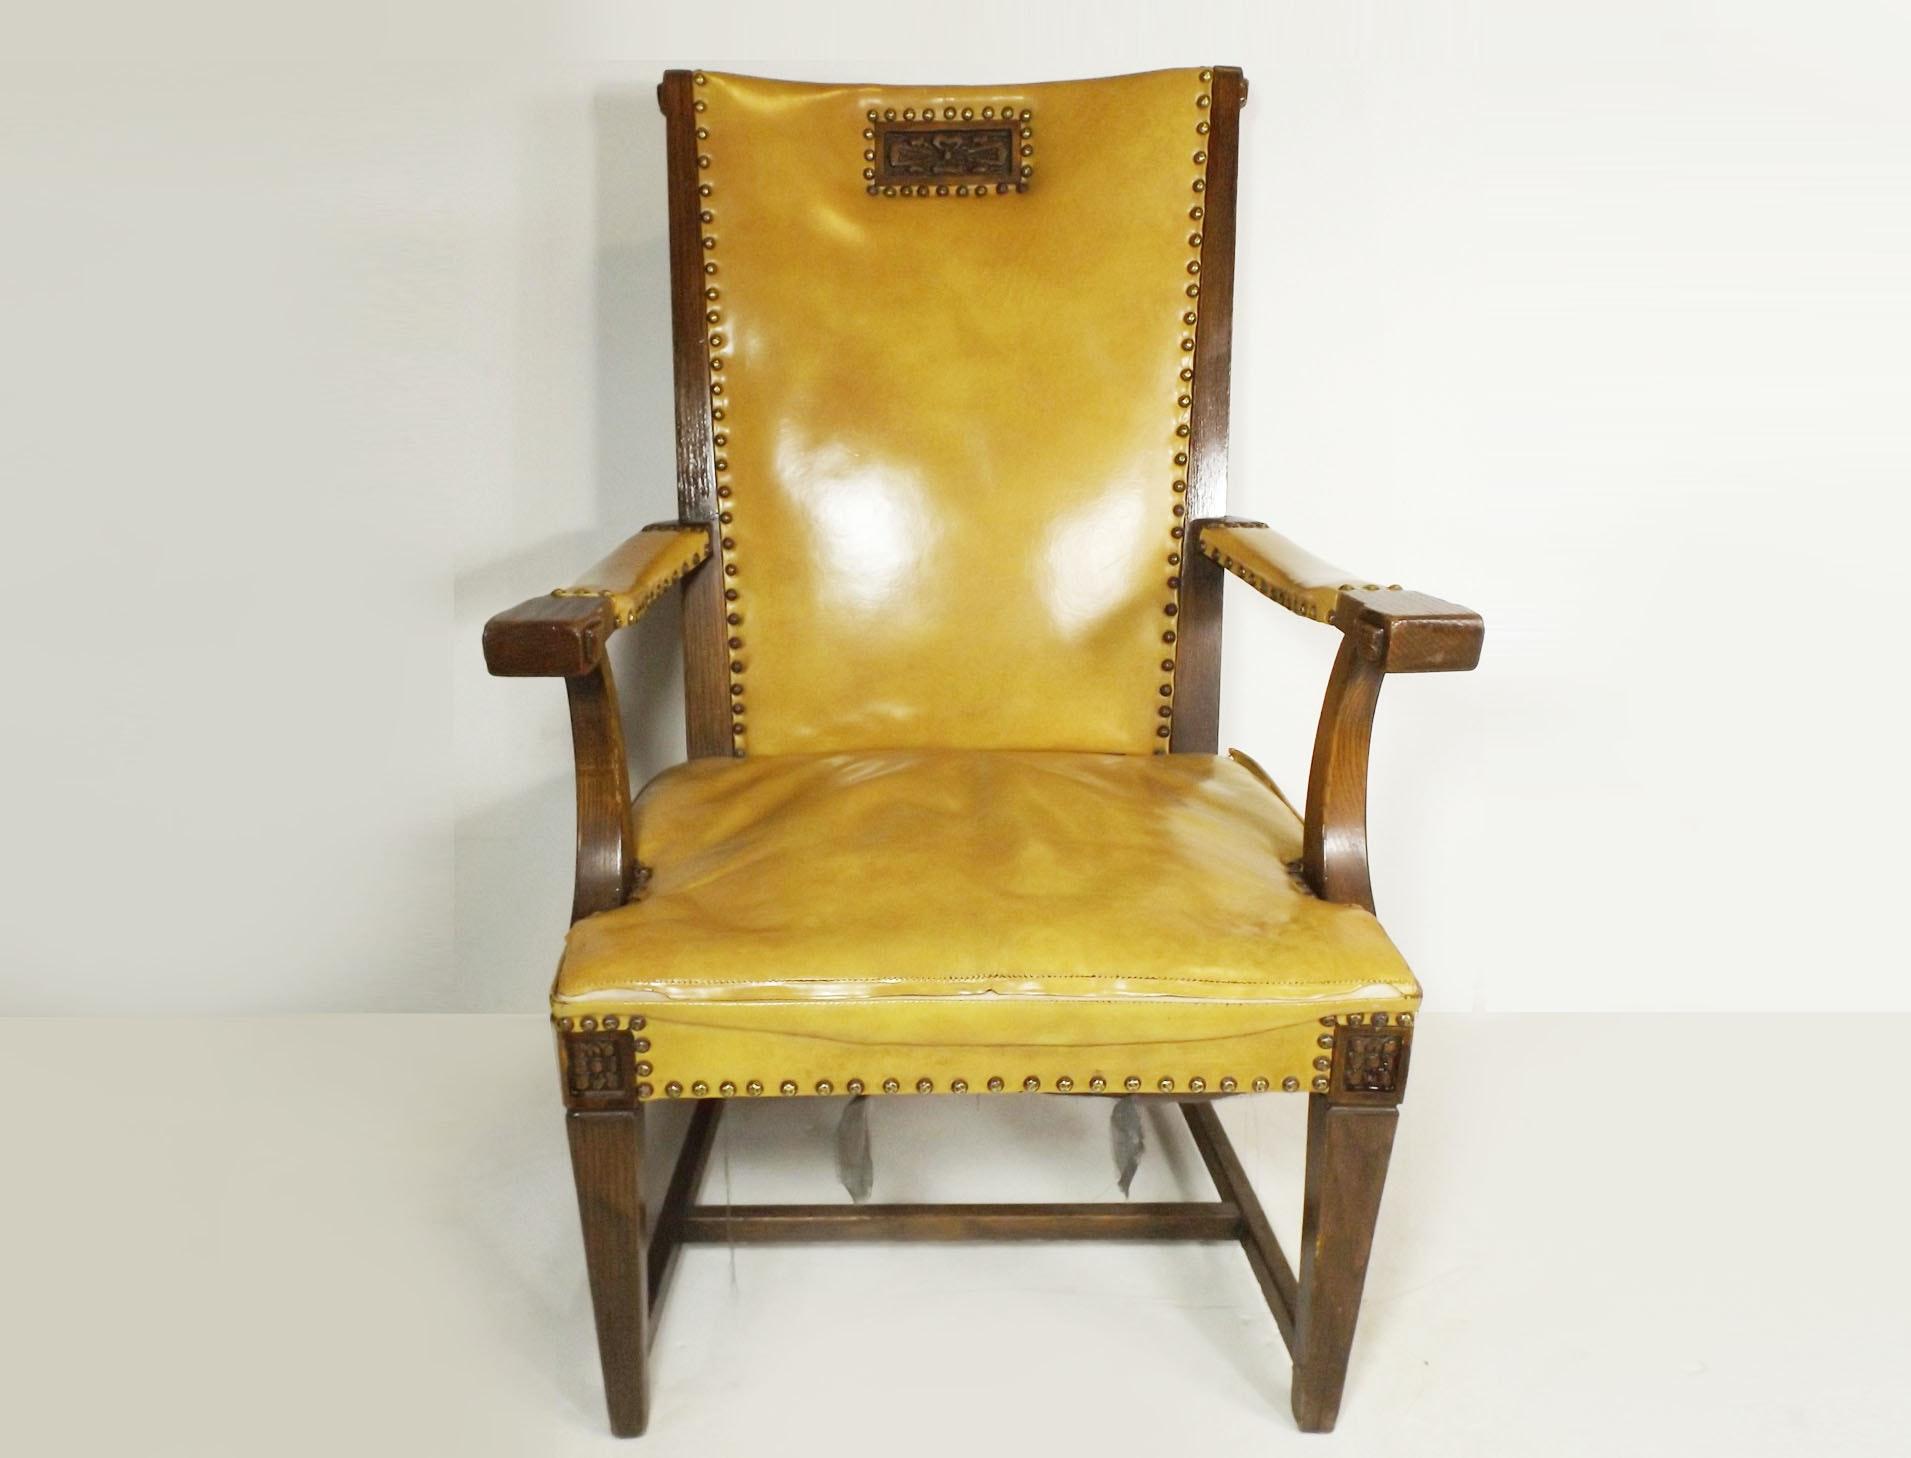 Vintage Glazed Leather Upholstered Oak Chair